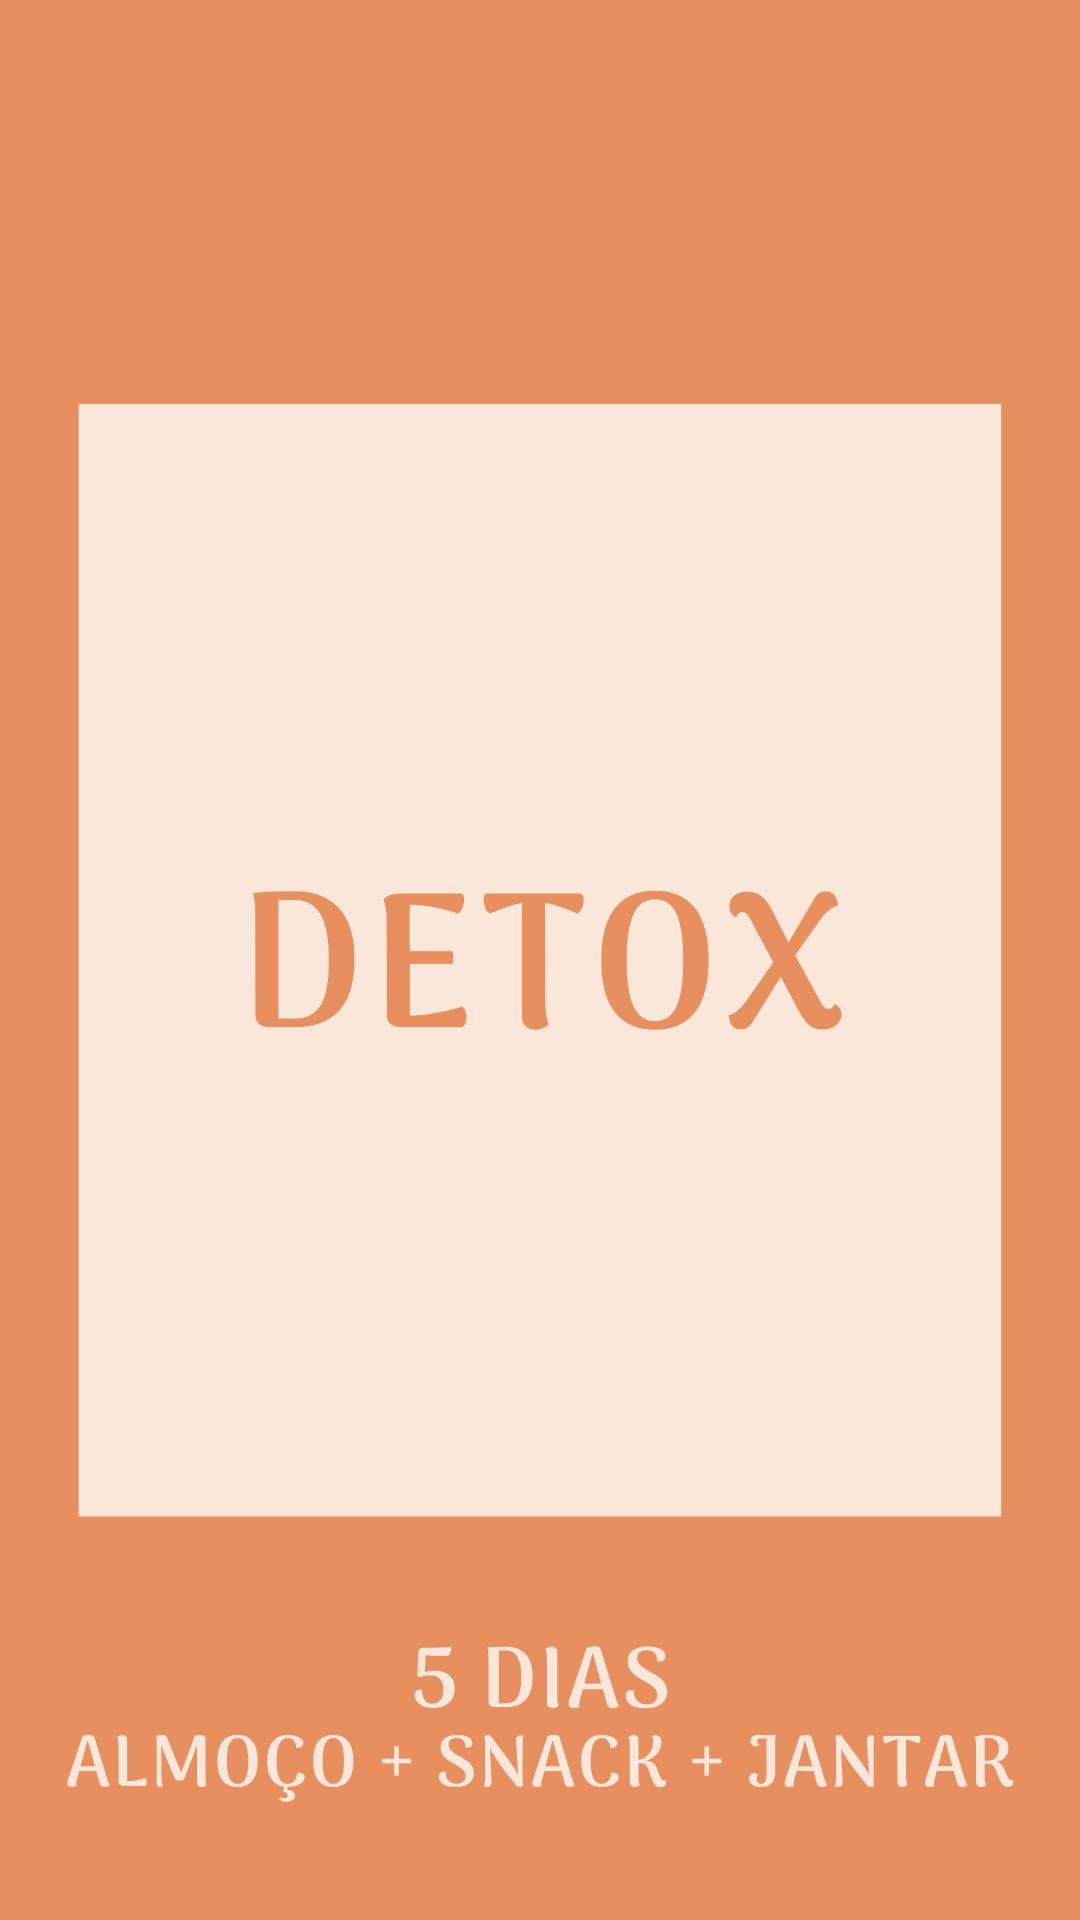 Kit Detox - 5 dias almoço, lanche da tarde e jantar